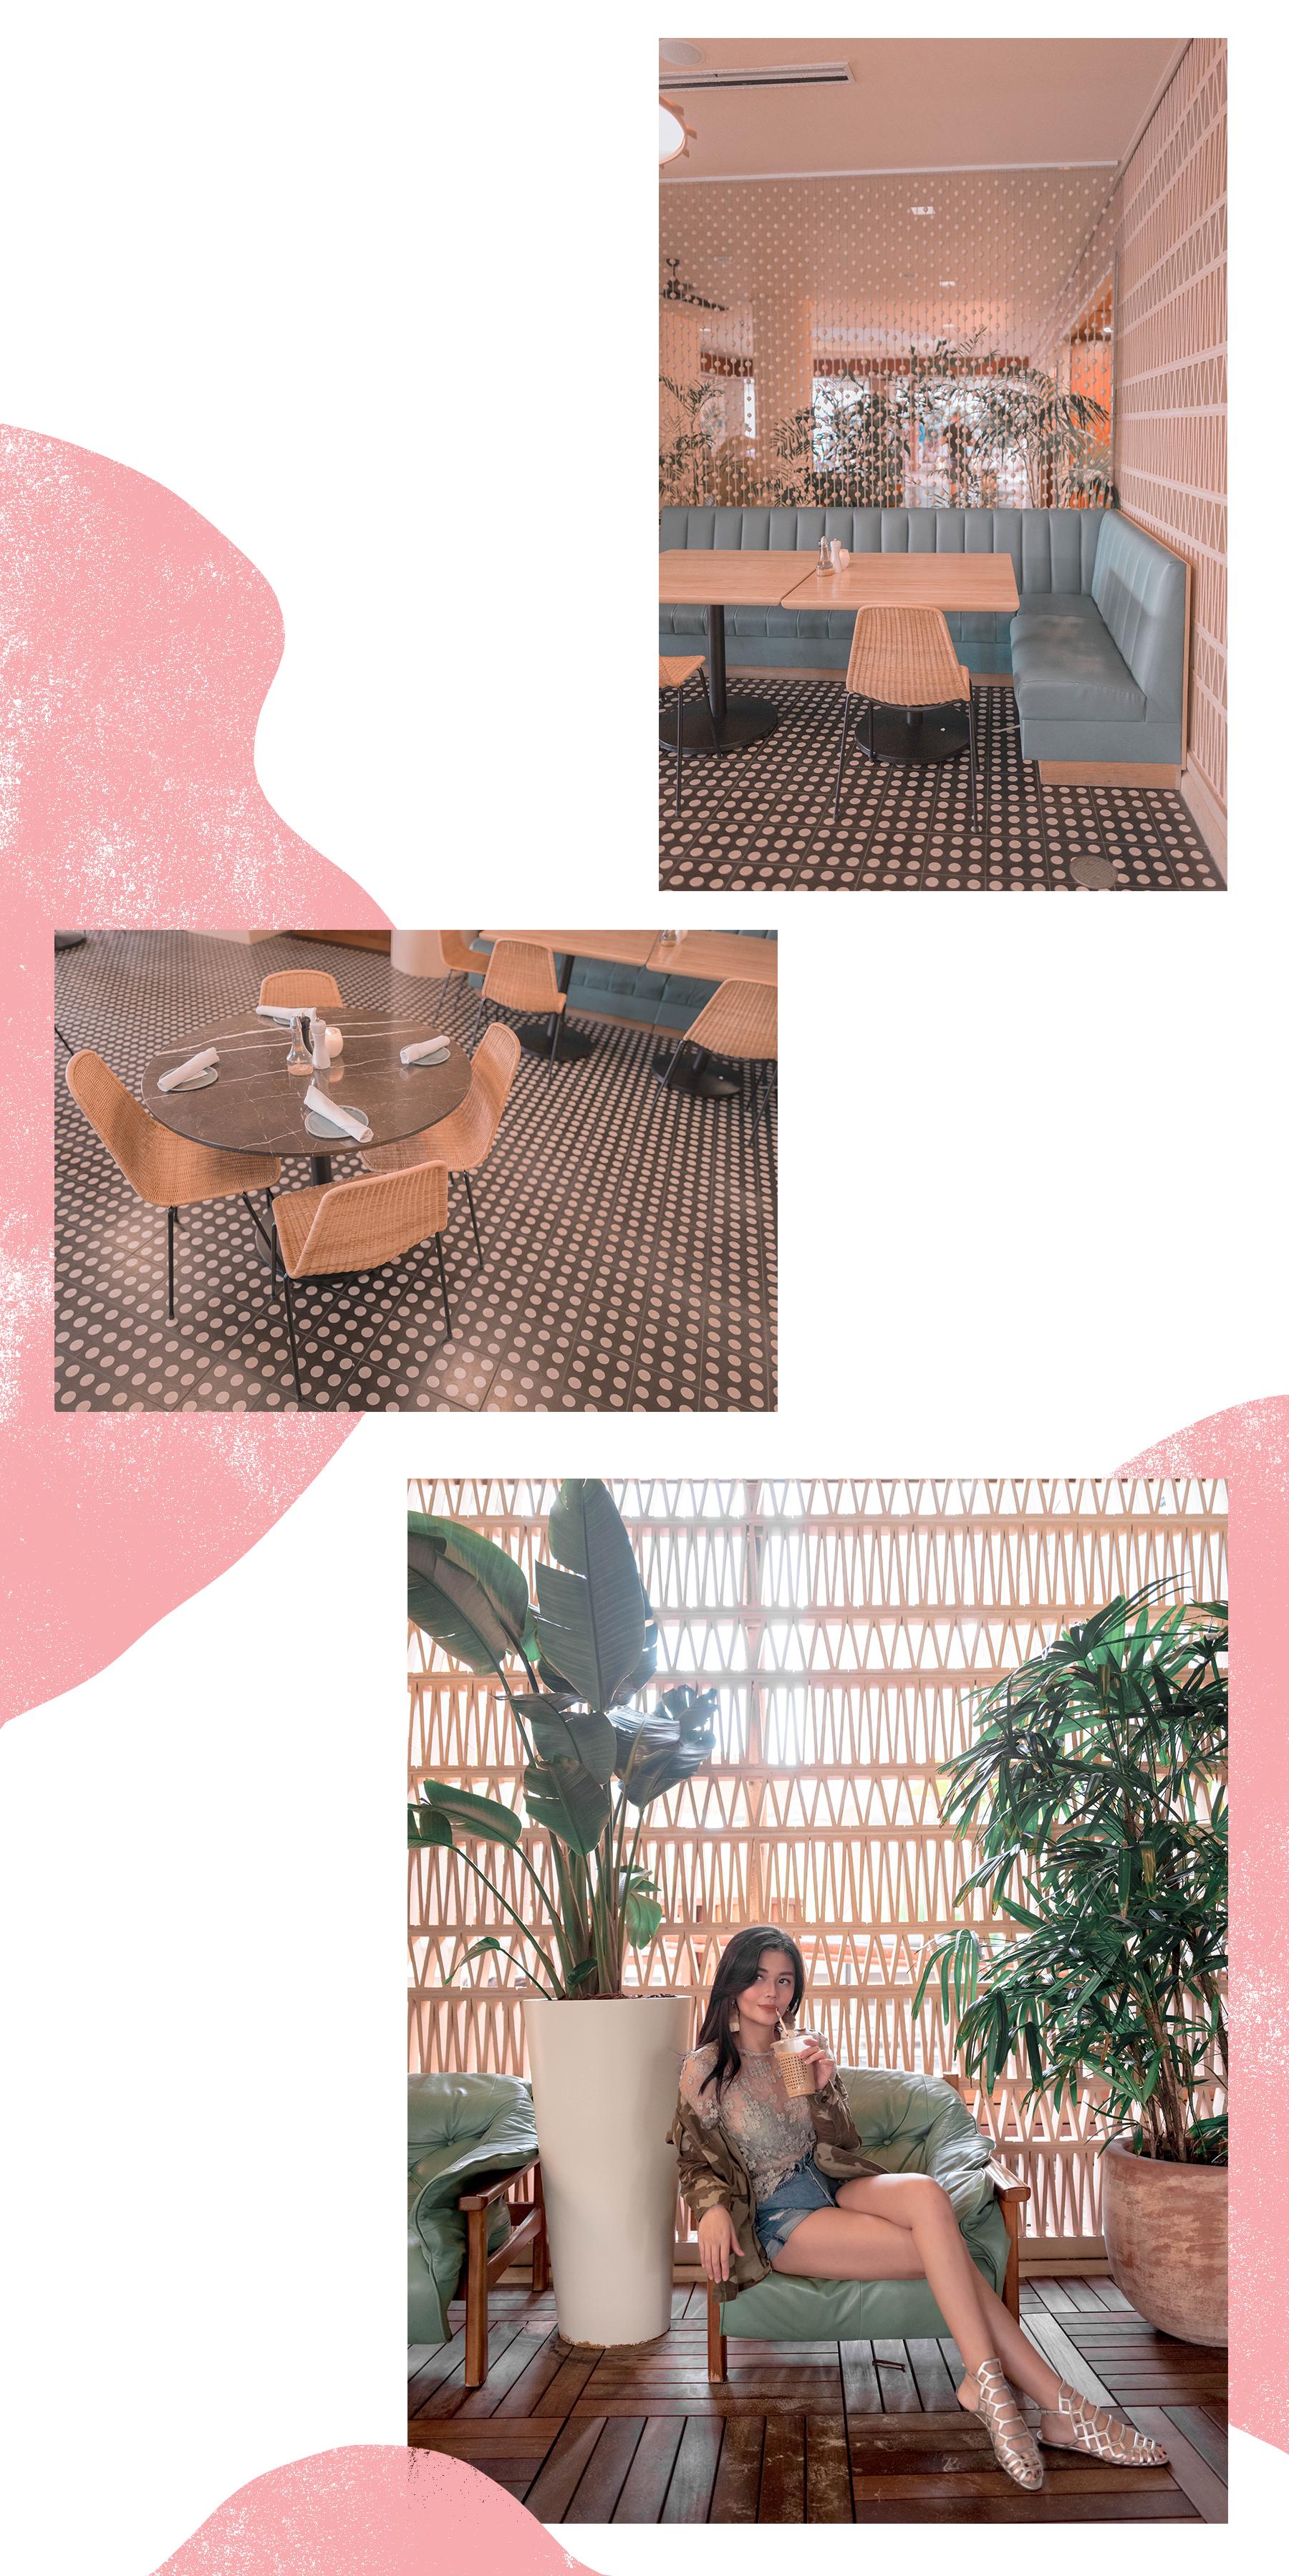 20. VV Resort 10